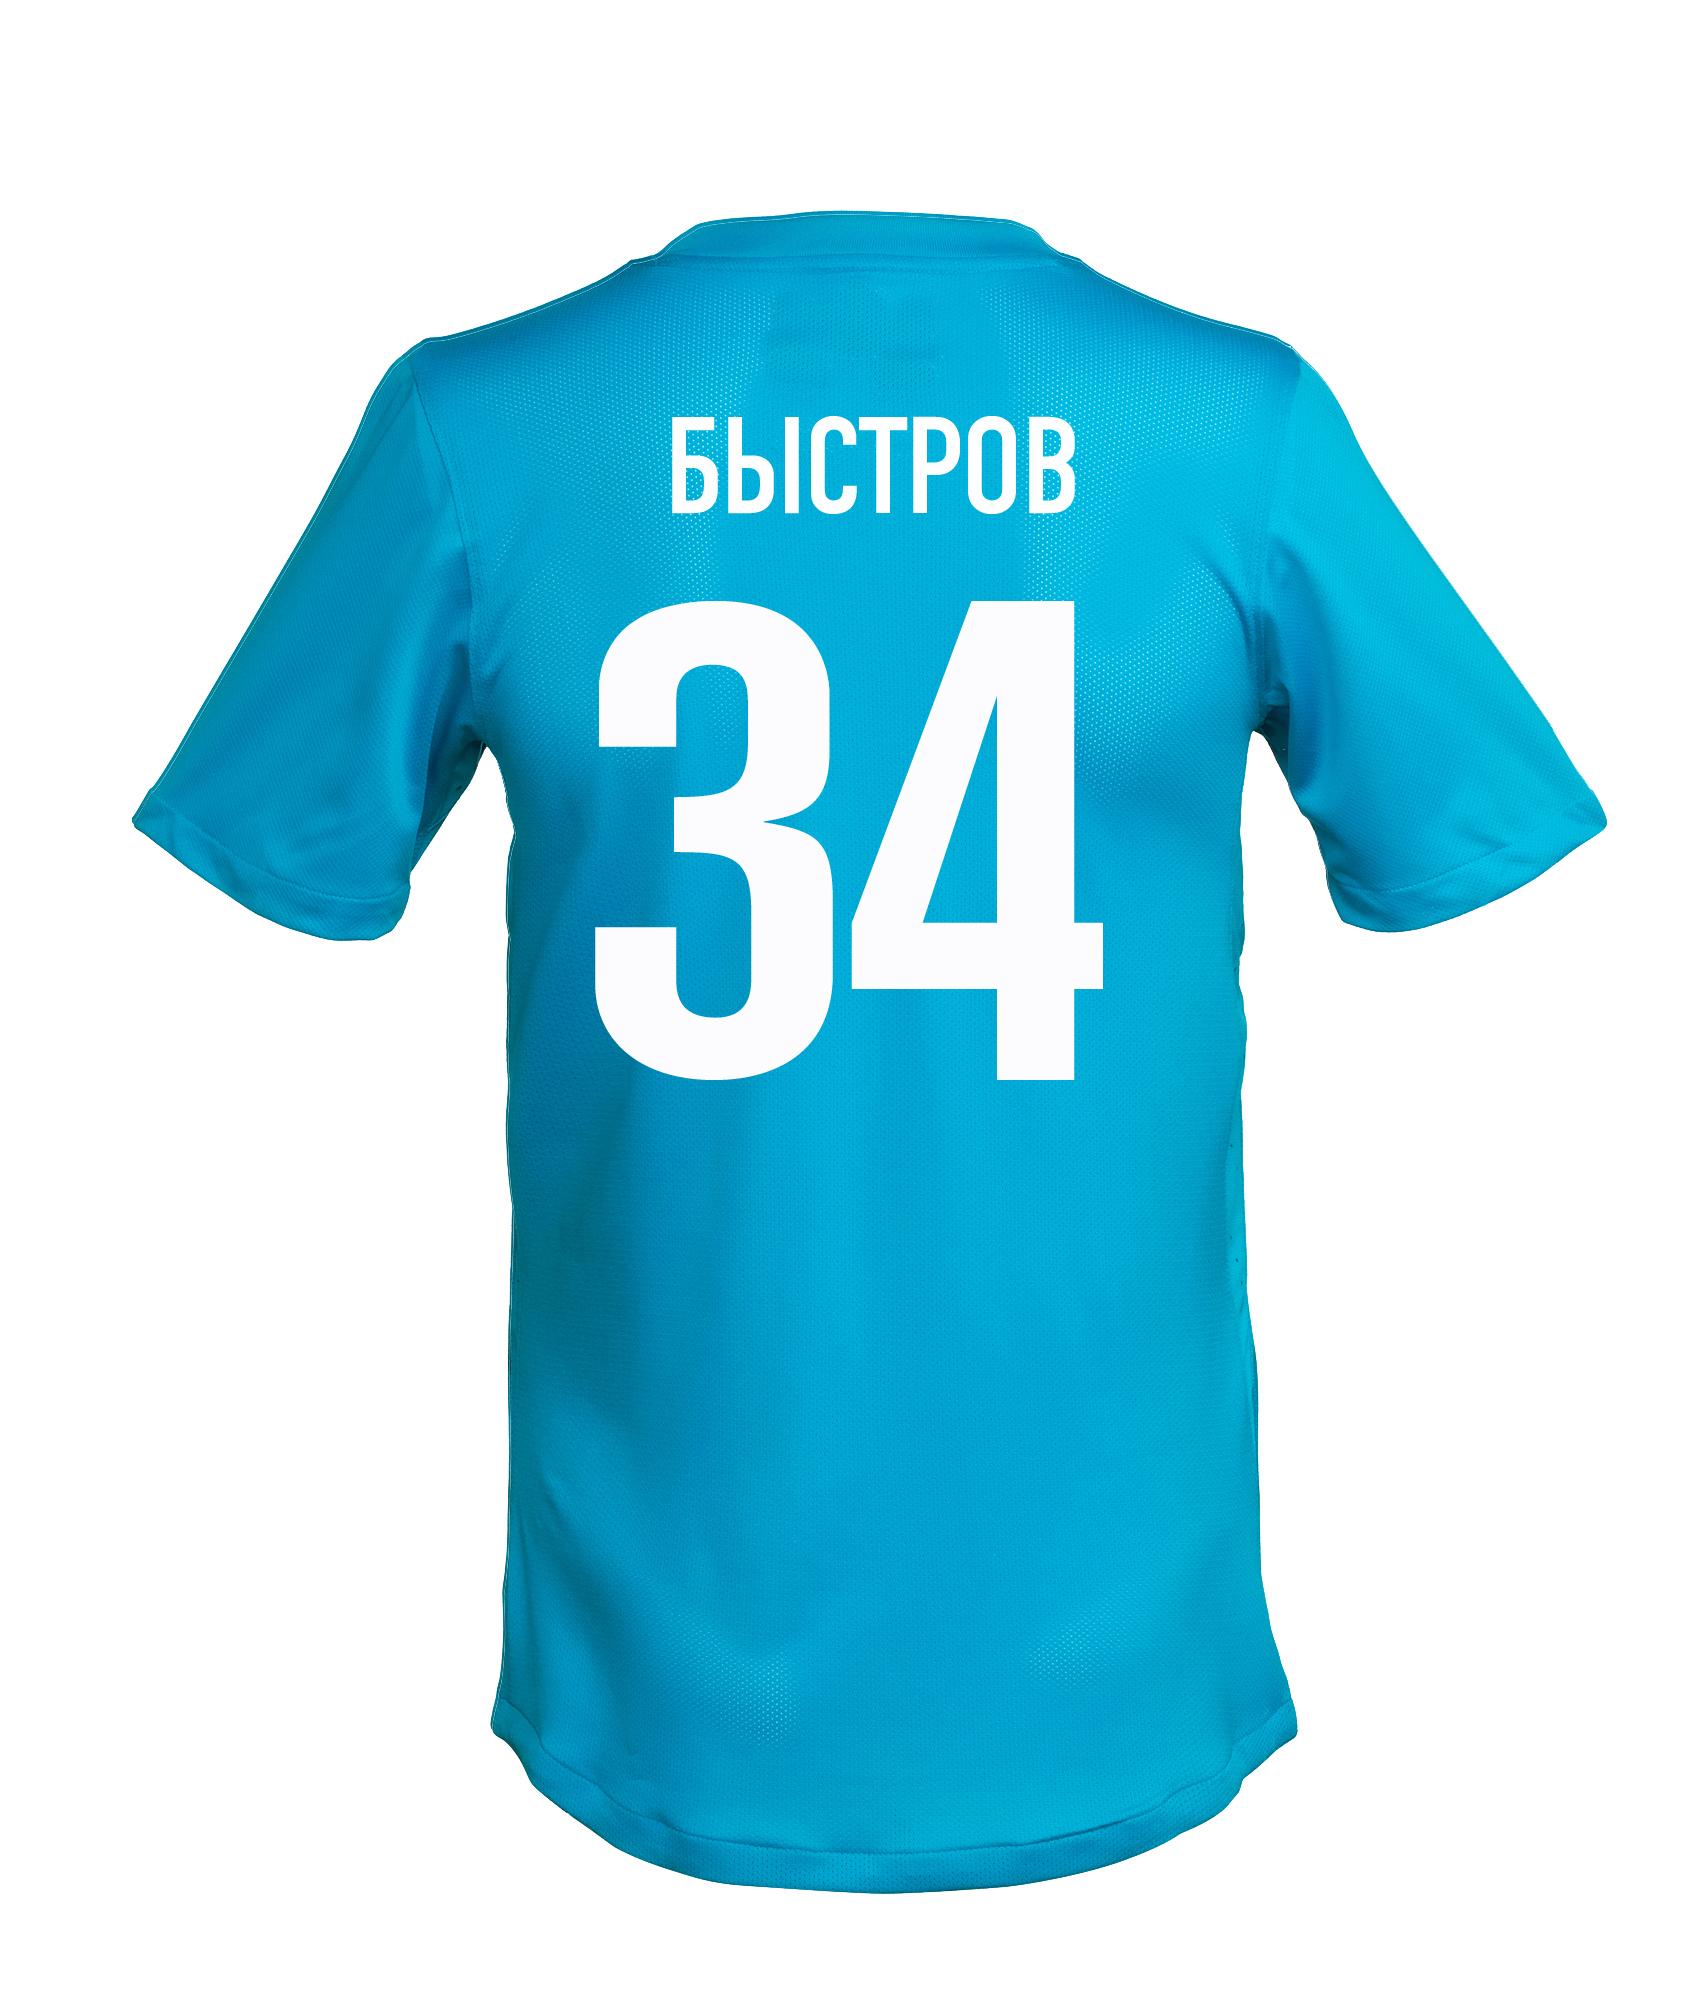 Игровая футболка с фамилией и номером В. Быстрова, Цвет-Синий, Размер-XL